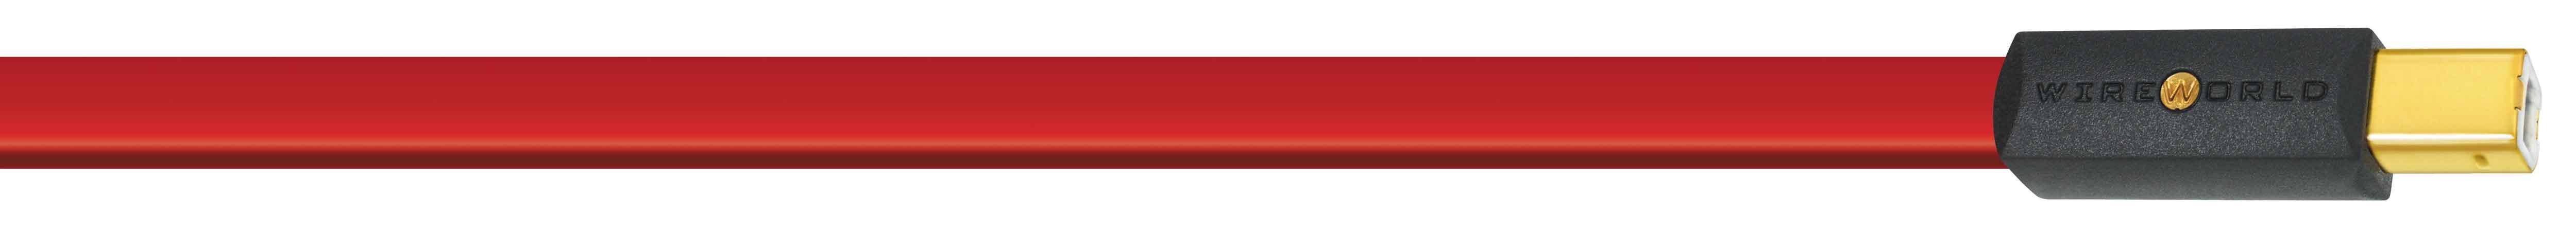 WireWorld Starlight 8, USB 2.0 (A to B) kaapeli